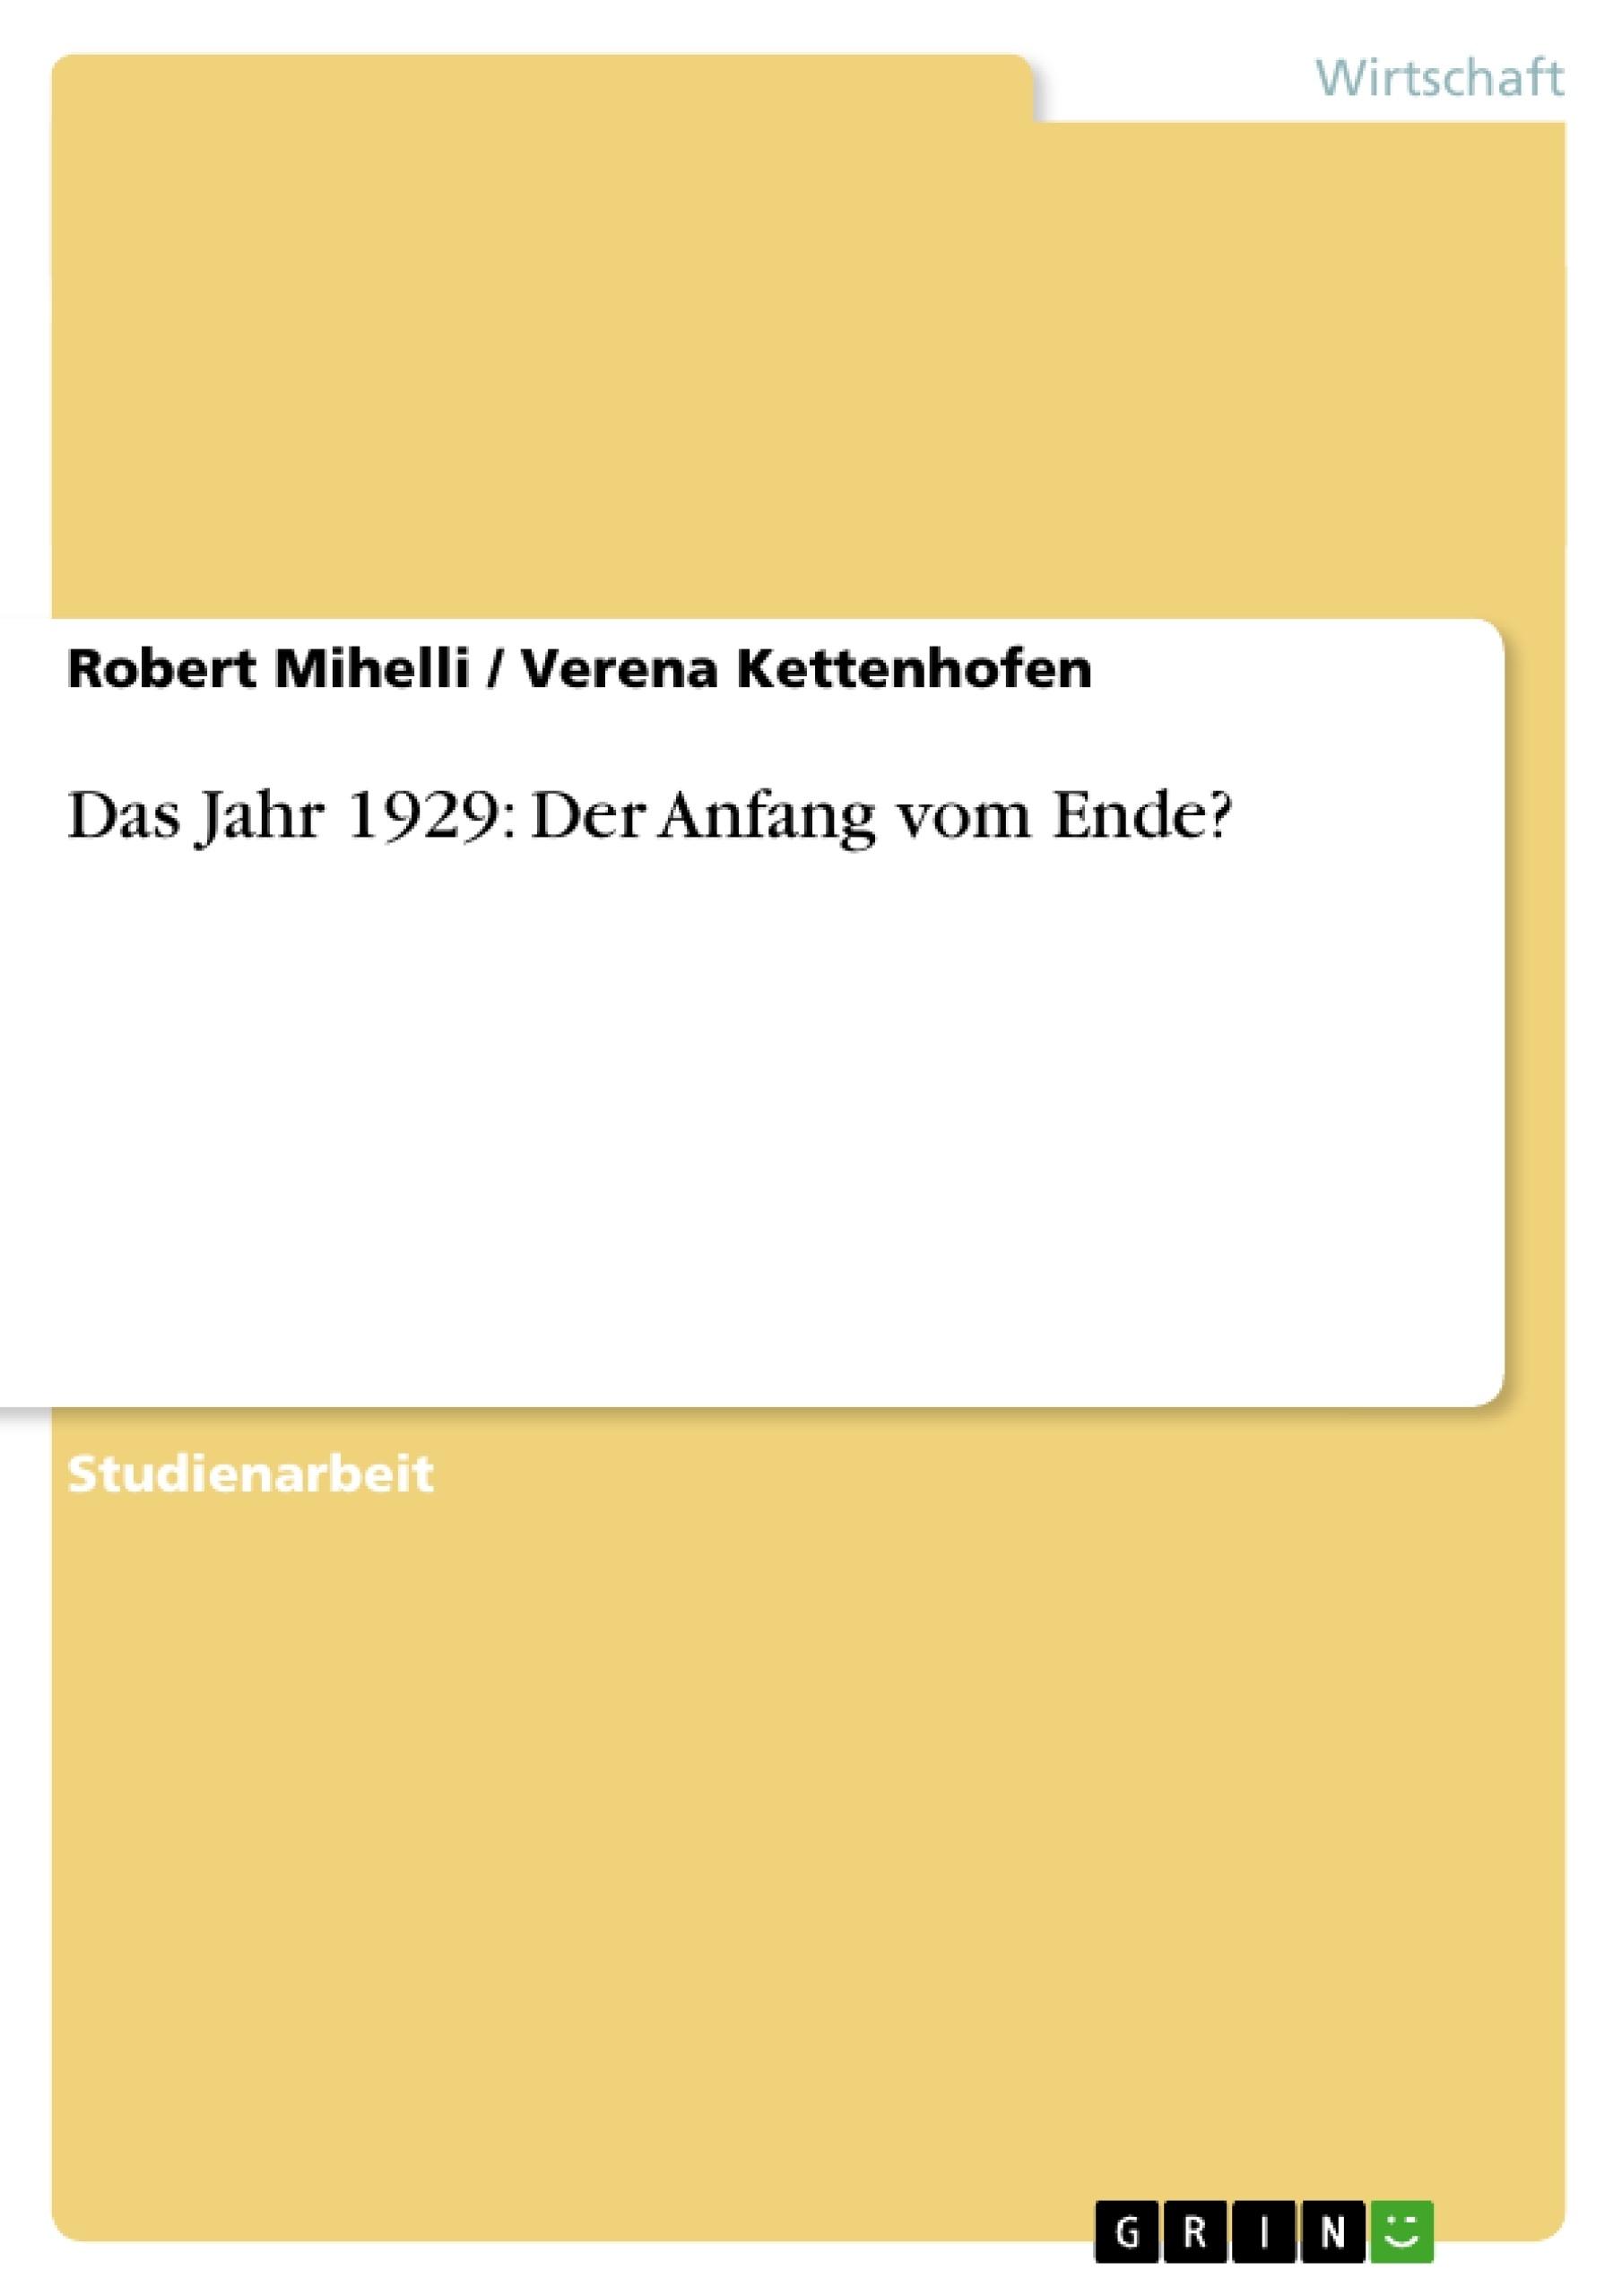 Titel: Das Jahr 1929: Der Anfang vom Ende?